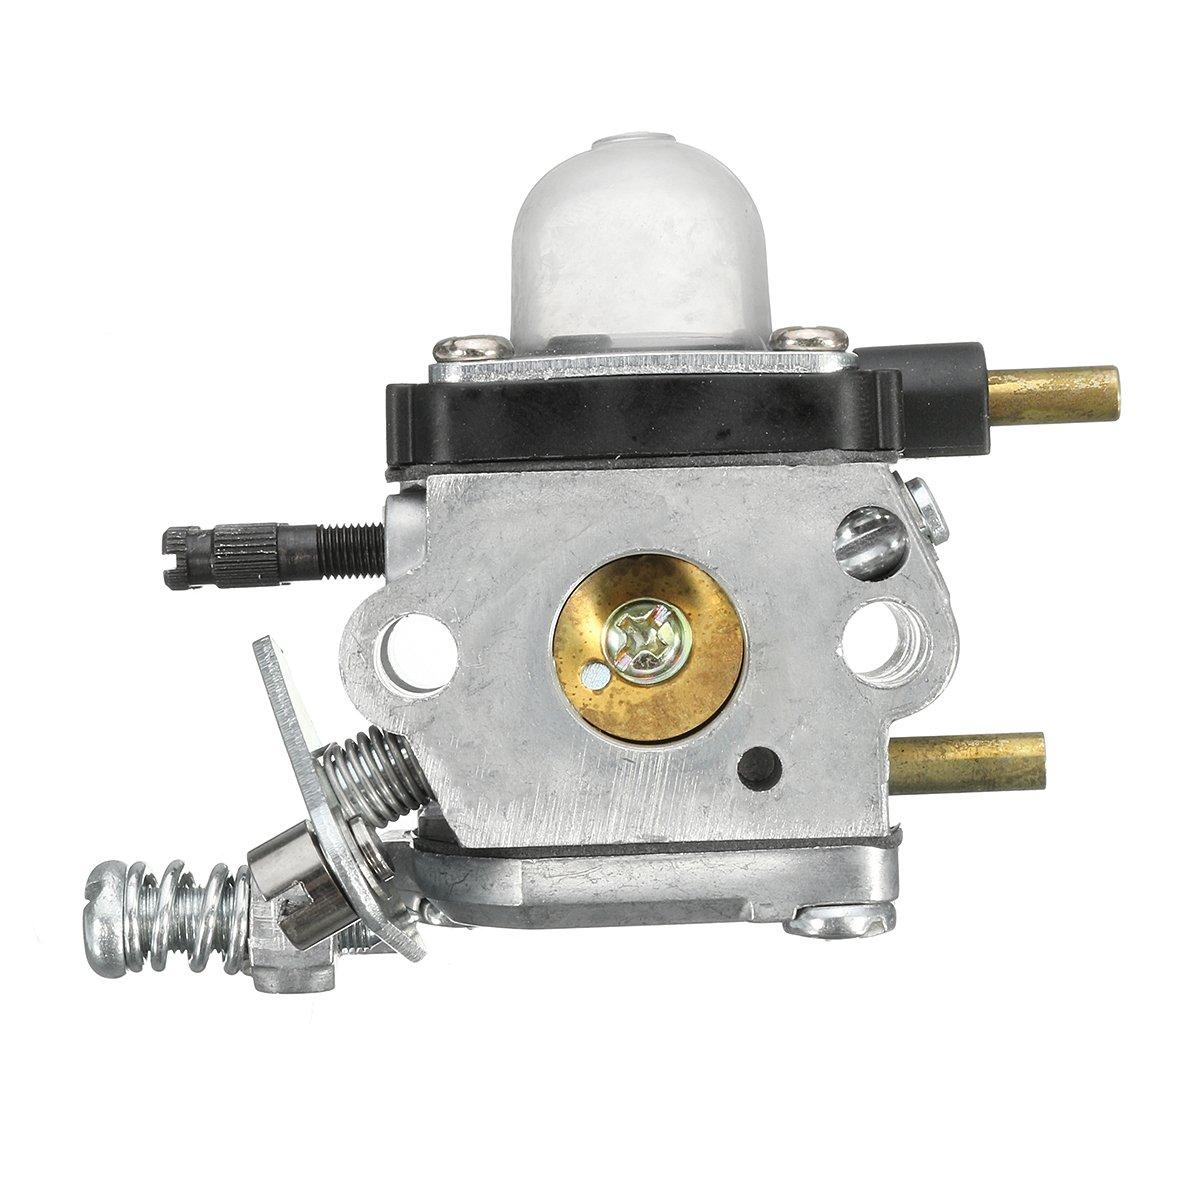 Alamor Carburateur Avec Joint De Ligne De Carburant Pour Zama C1U-K82 Mantis Tiller 7222 Sv-5C//2